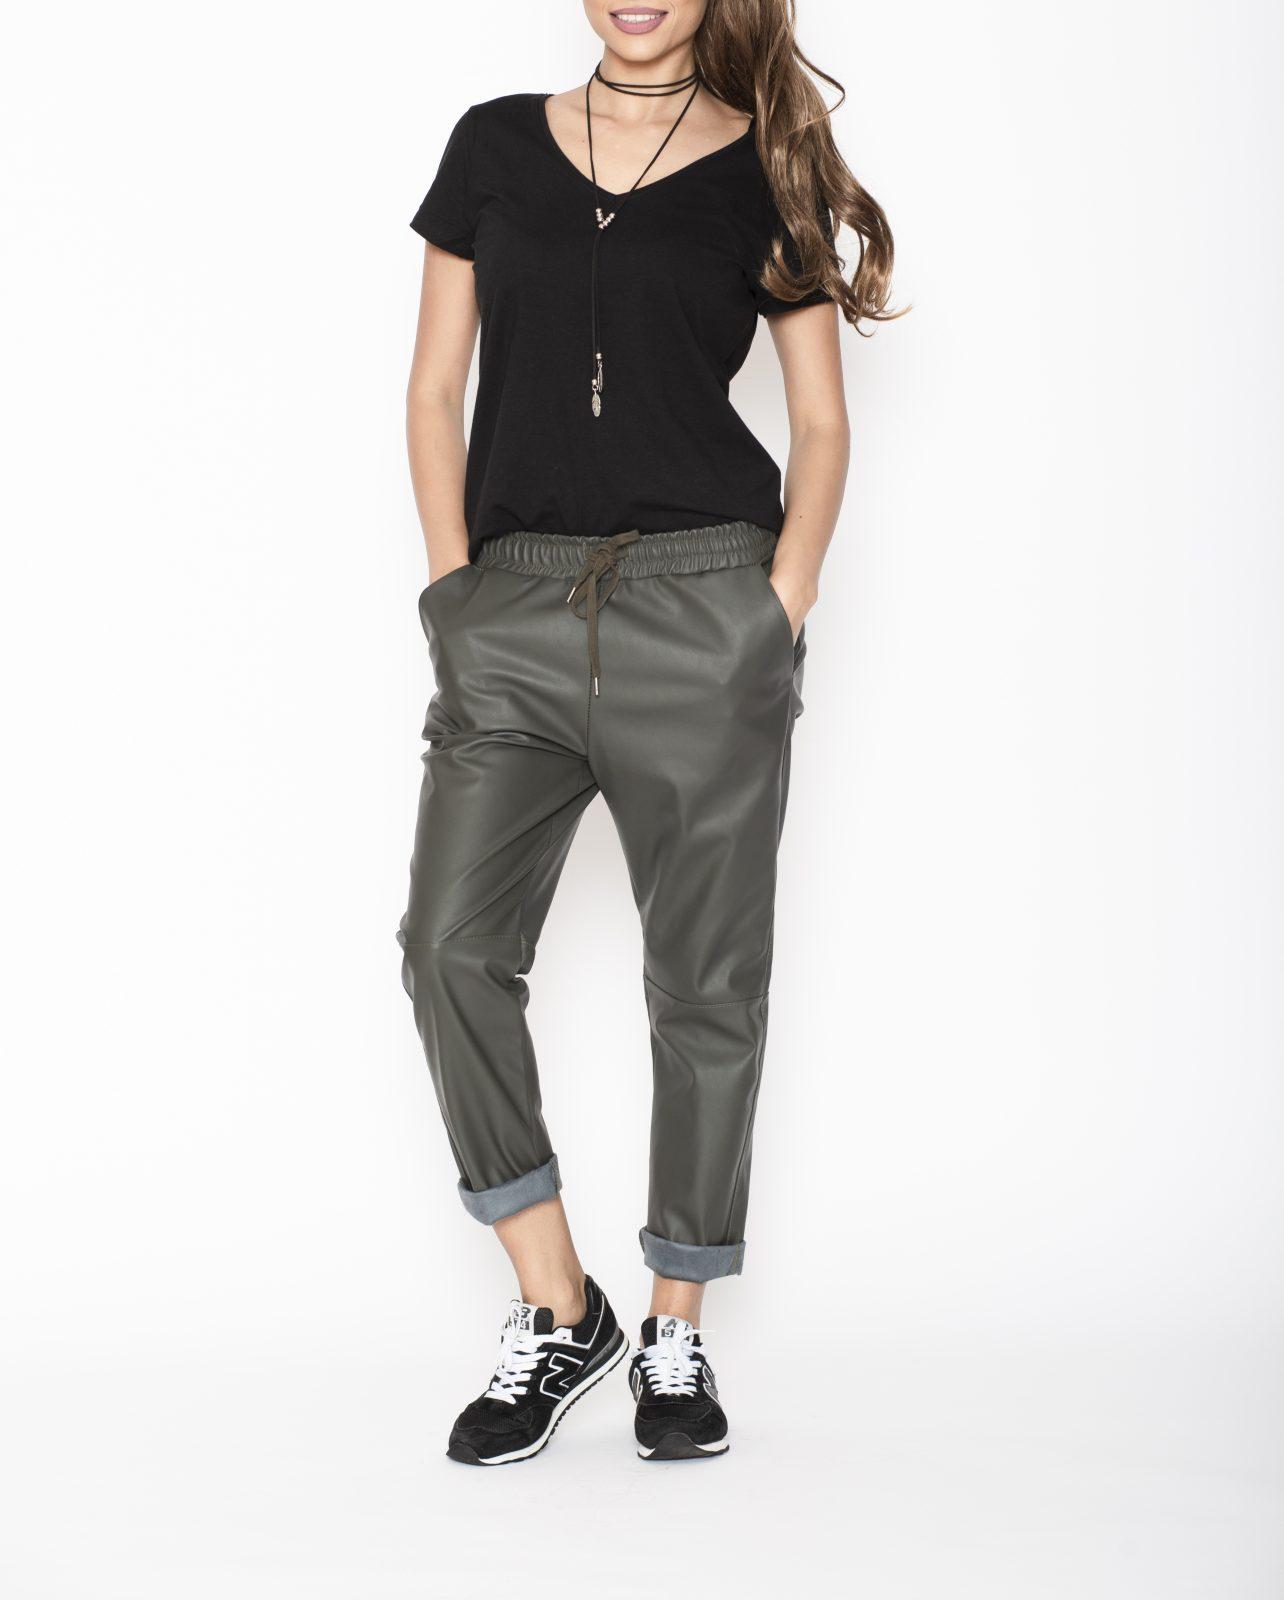 Cumpara acum online Pantaloni de Designer Iti oferim o gama variata de Pantaloni Conici, Drepti, Evazati din materiale de calitate Livrare Gratuita!